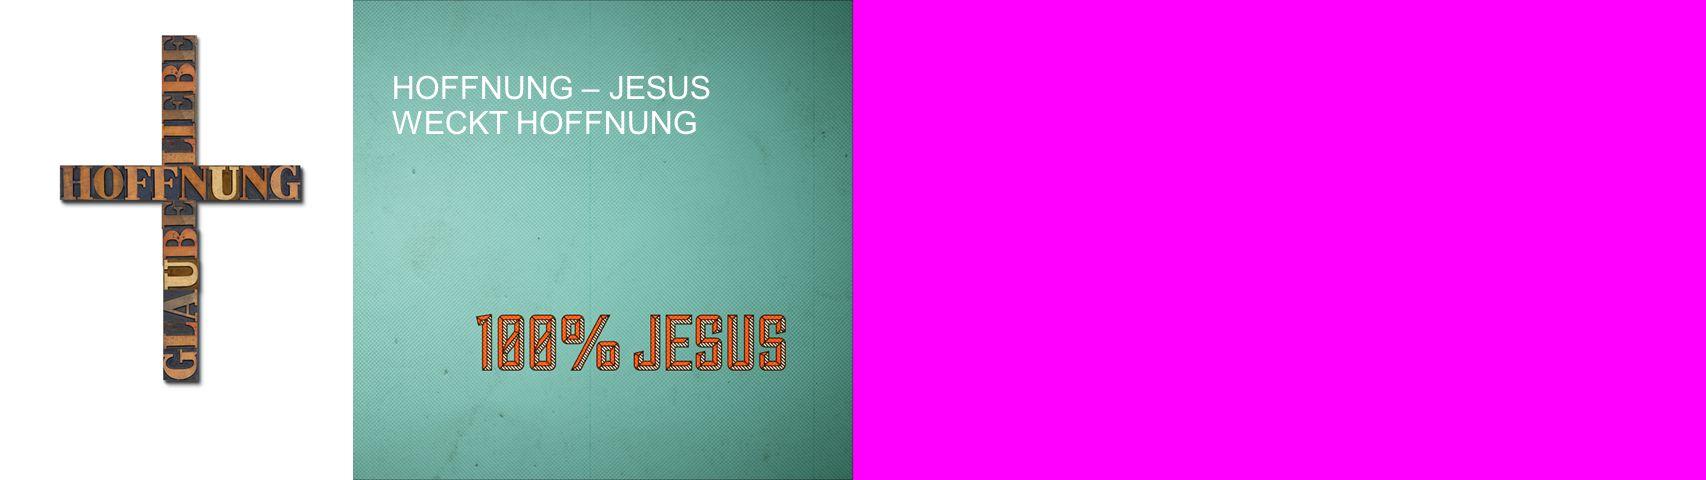 HOFFNUNG – JESUS WECKT HOFFNUNG